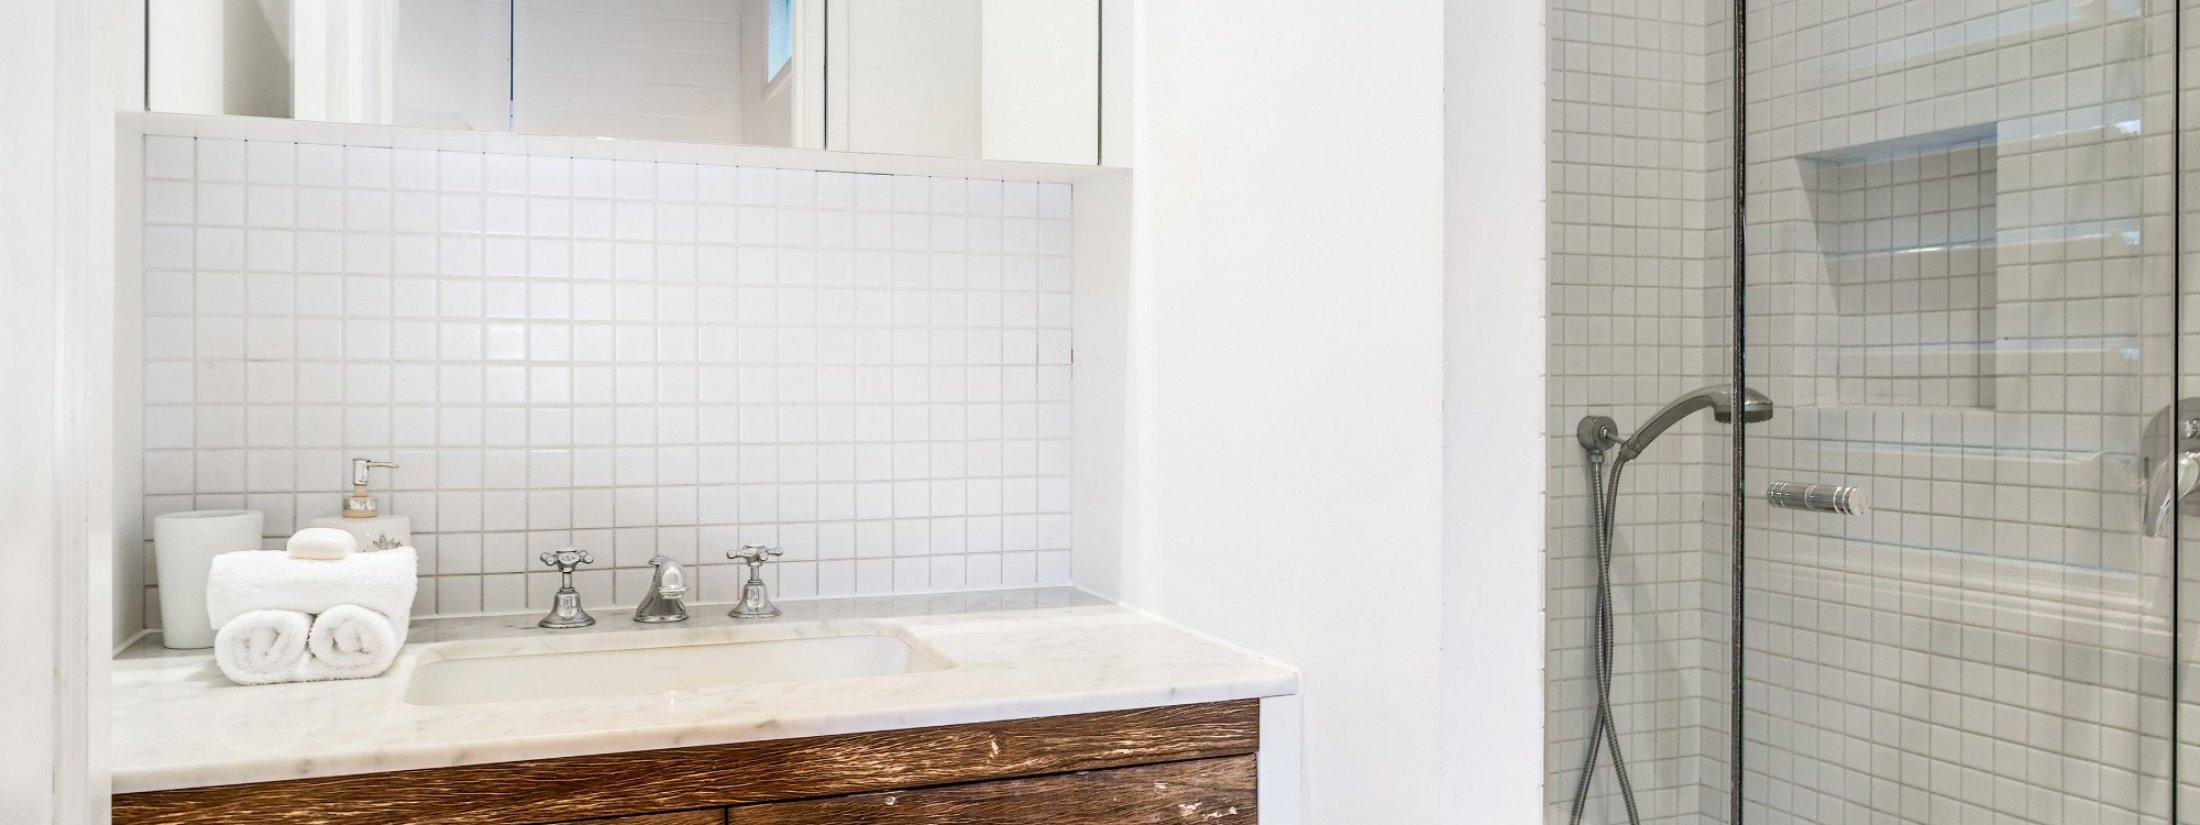 Kia Ora - Byron Bay - Master Bathroom